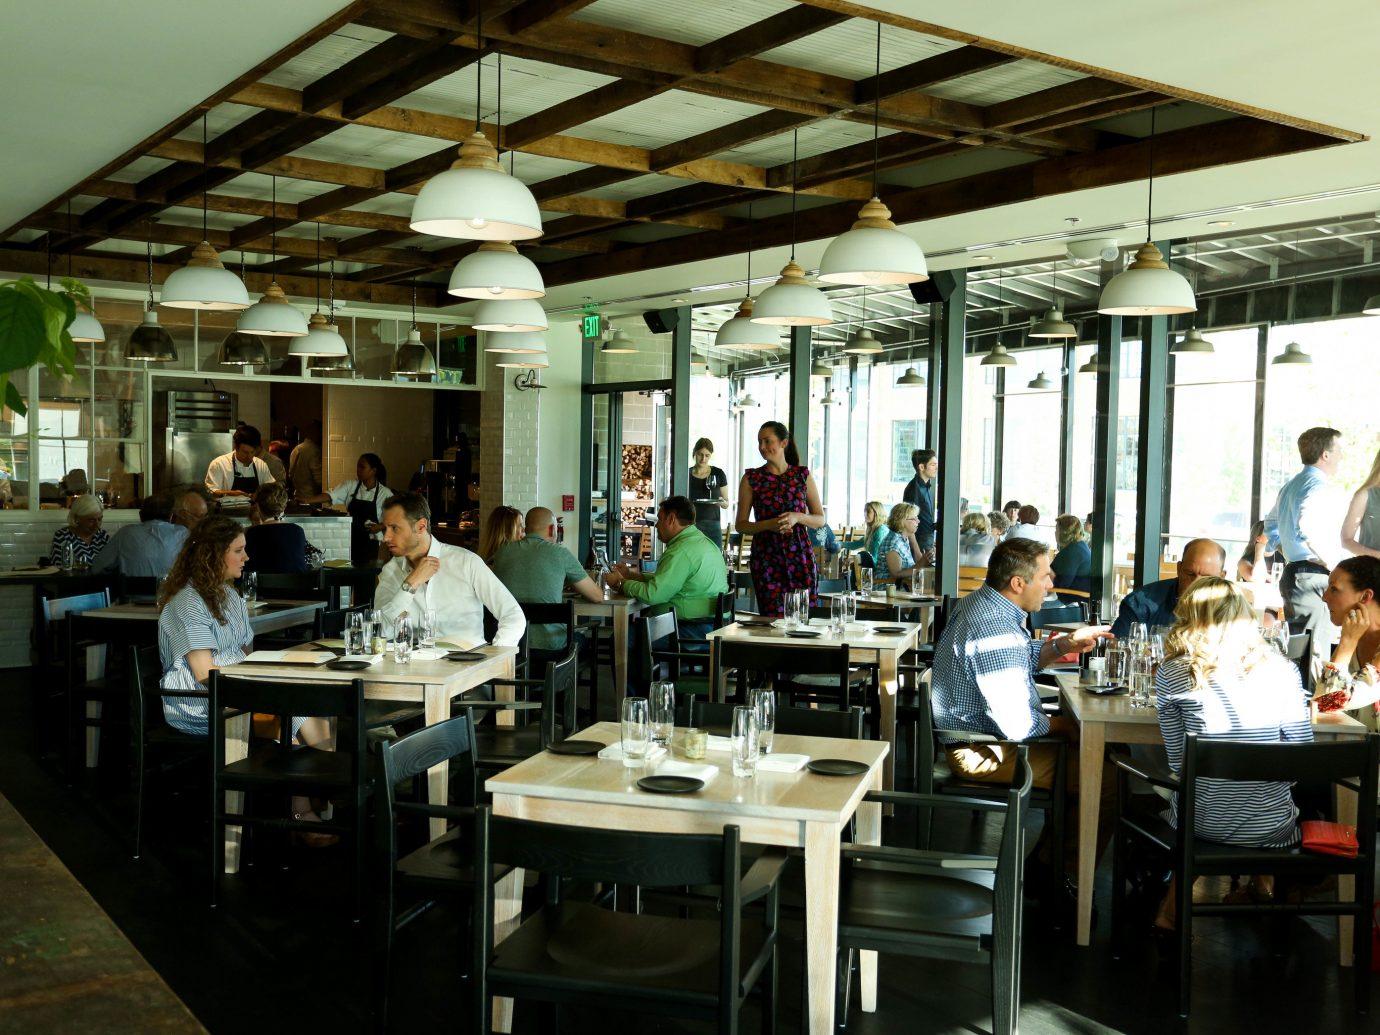 Trip Ideas Weekend Getaways ceiling indoor table floor person restaurant people cafeteria several dining room